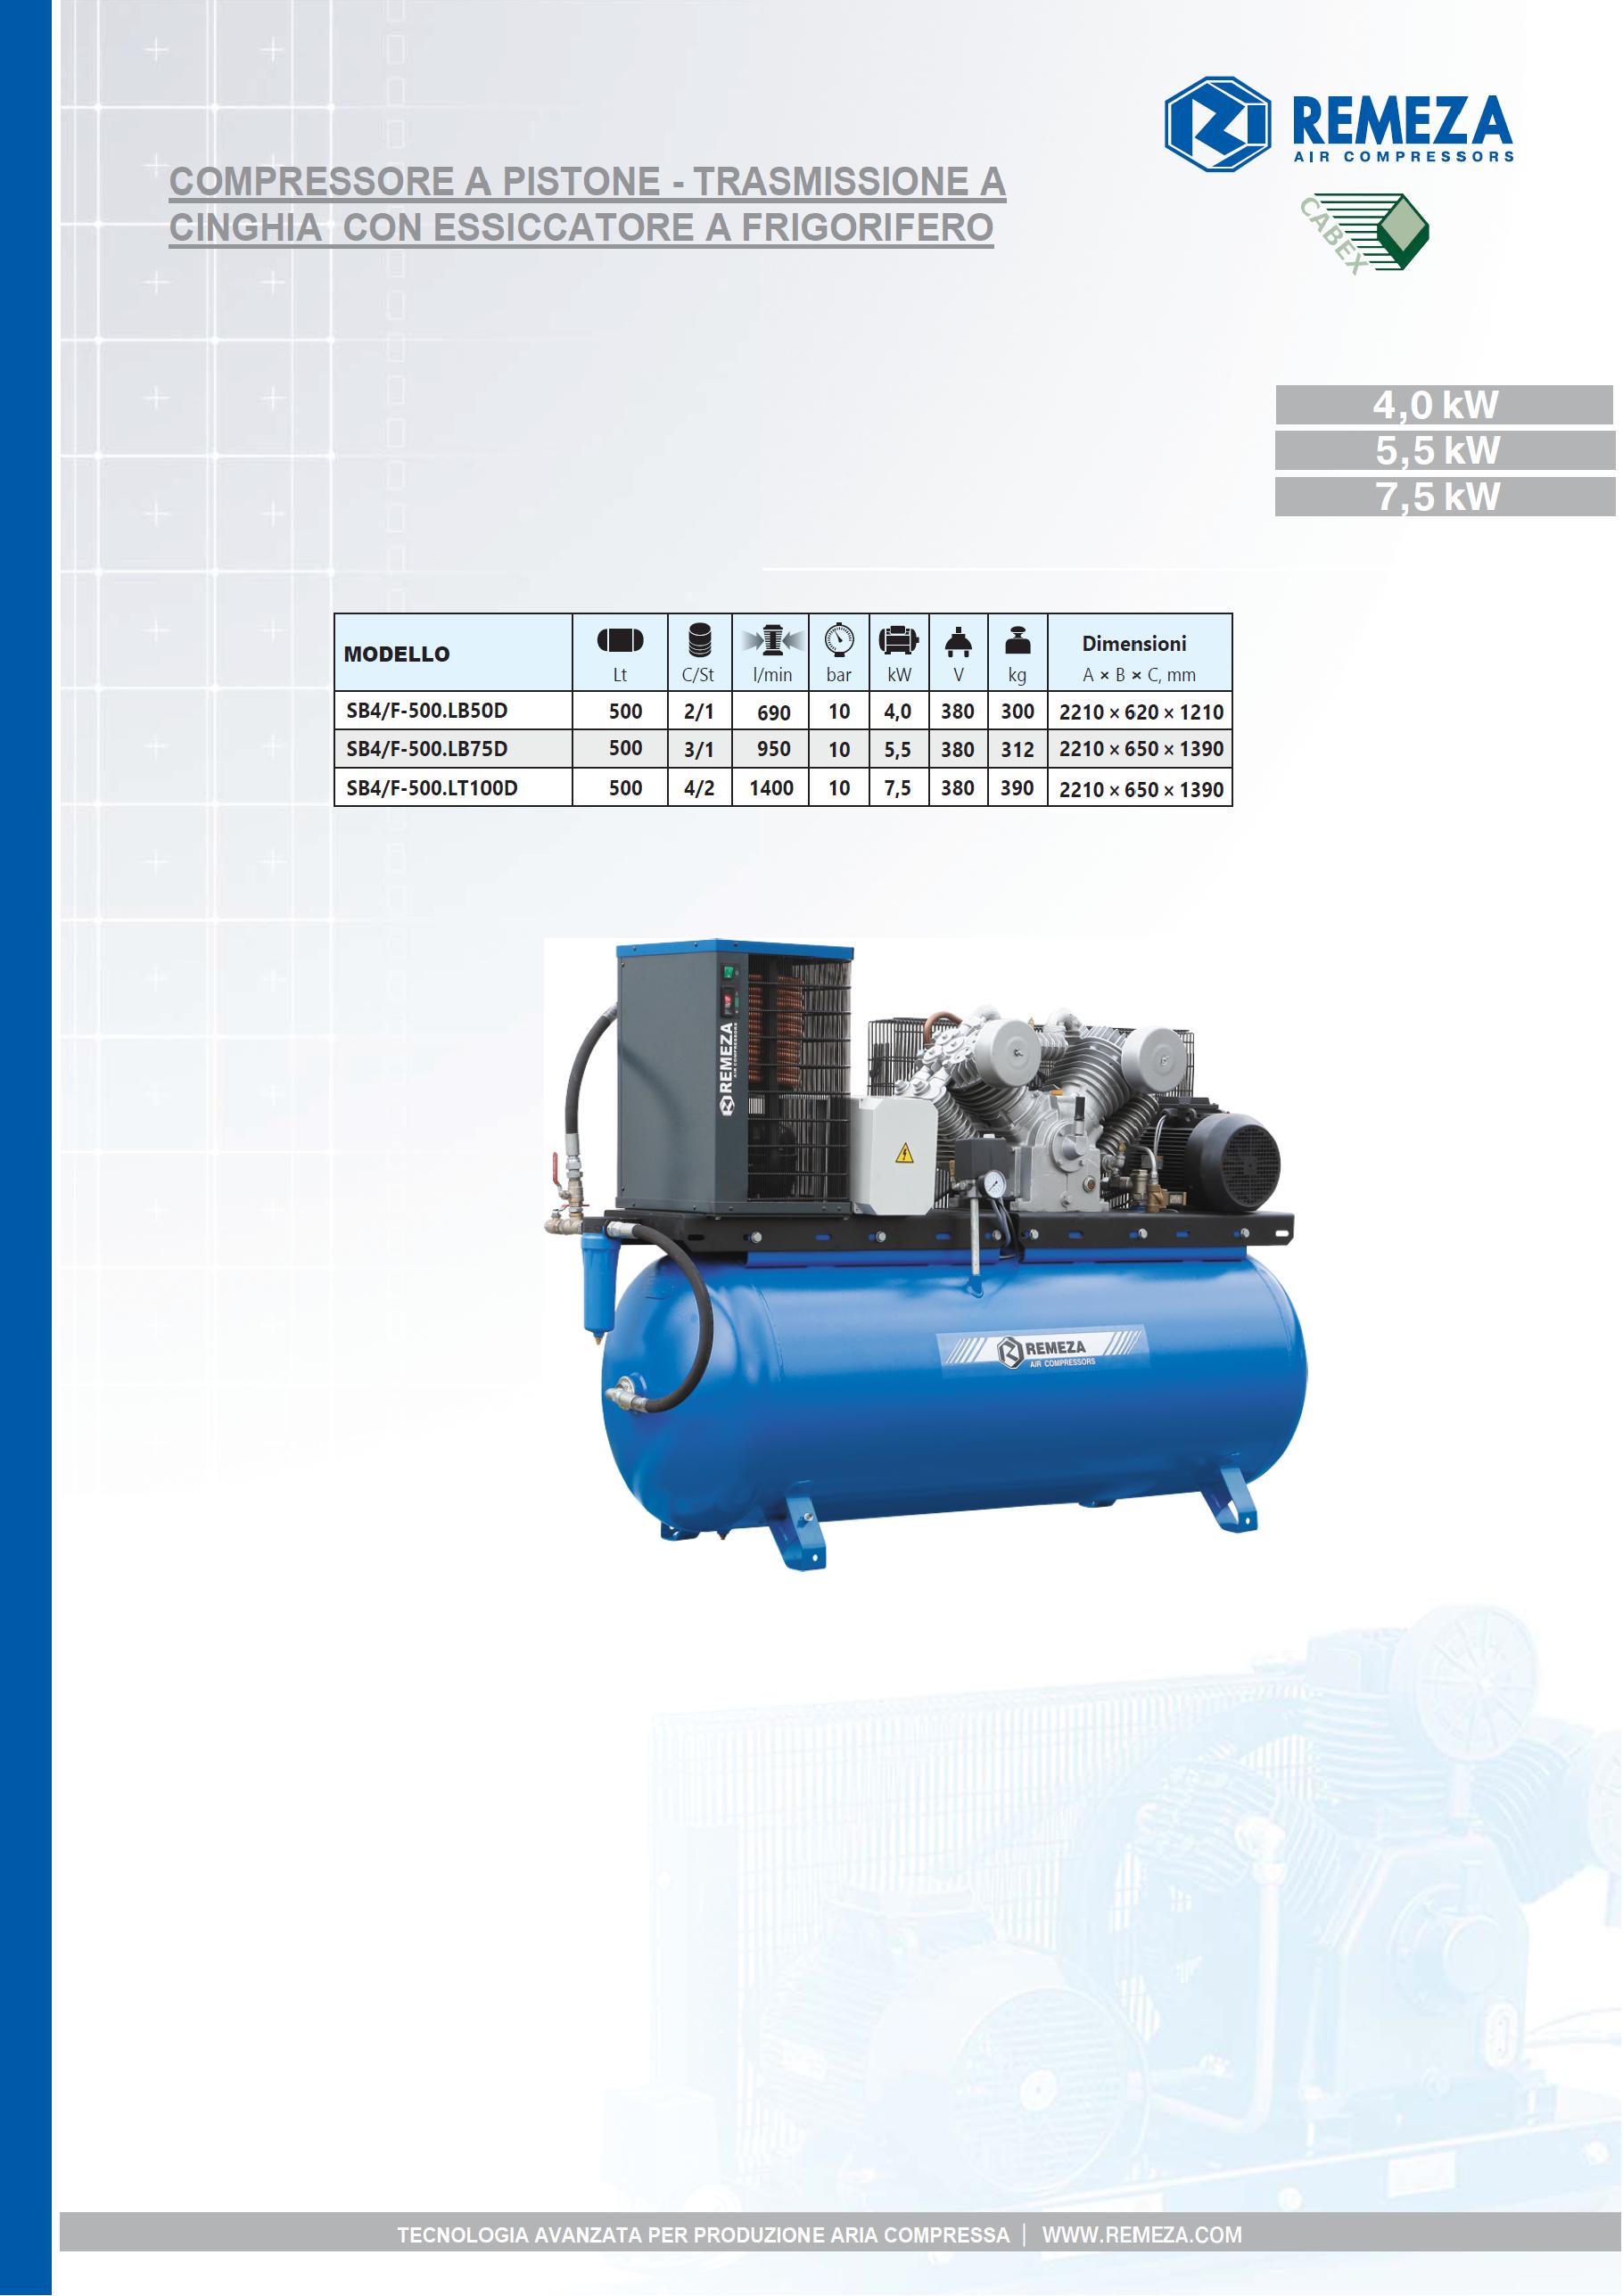 11_compressori-a-pistone-trasmissione-a-cinghia-con-essiccatore-serie-remeza_pag_1